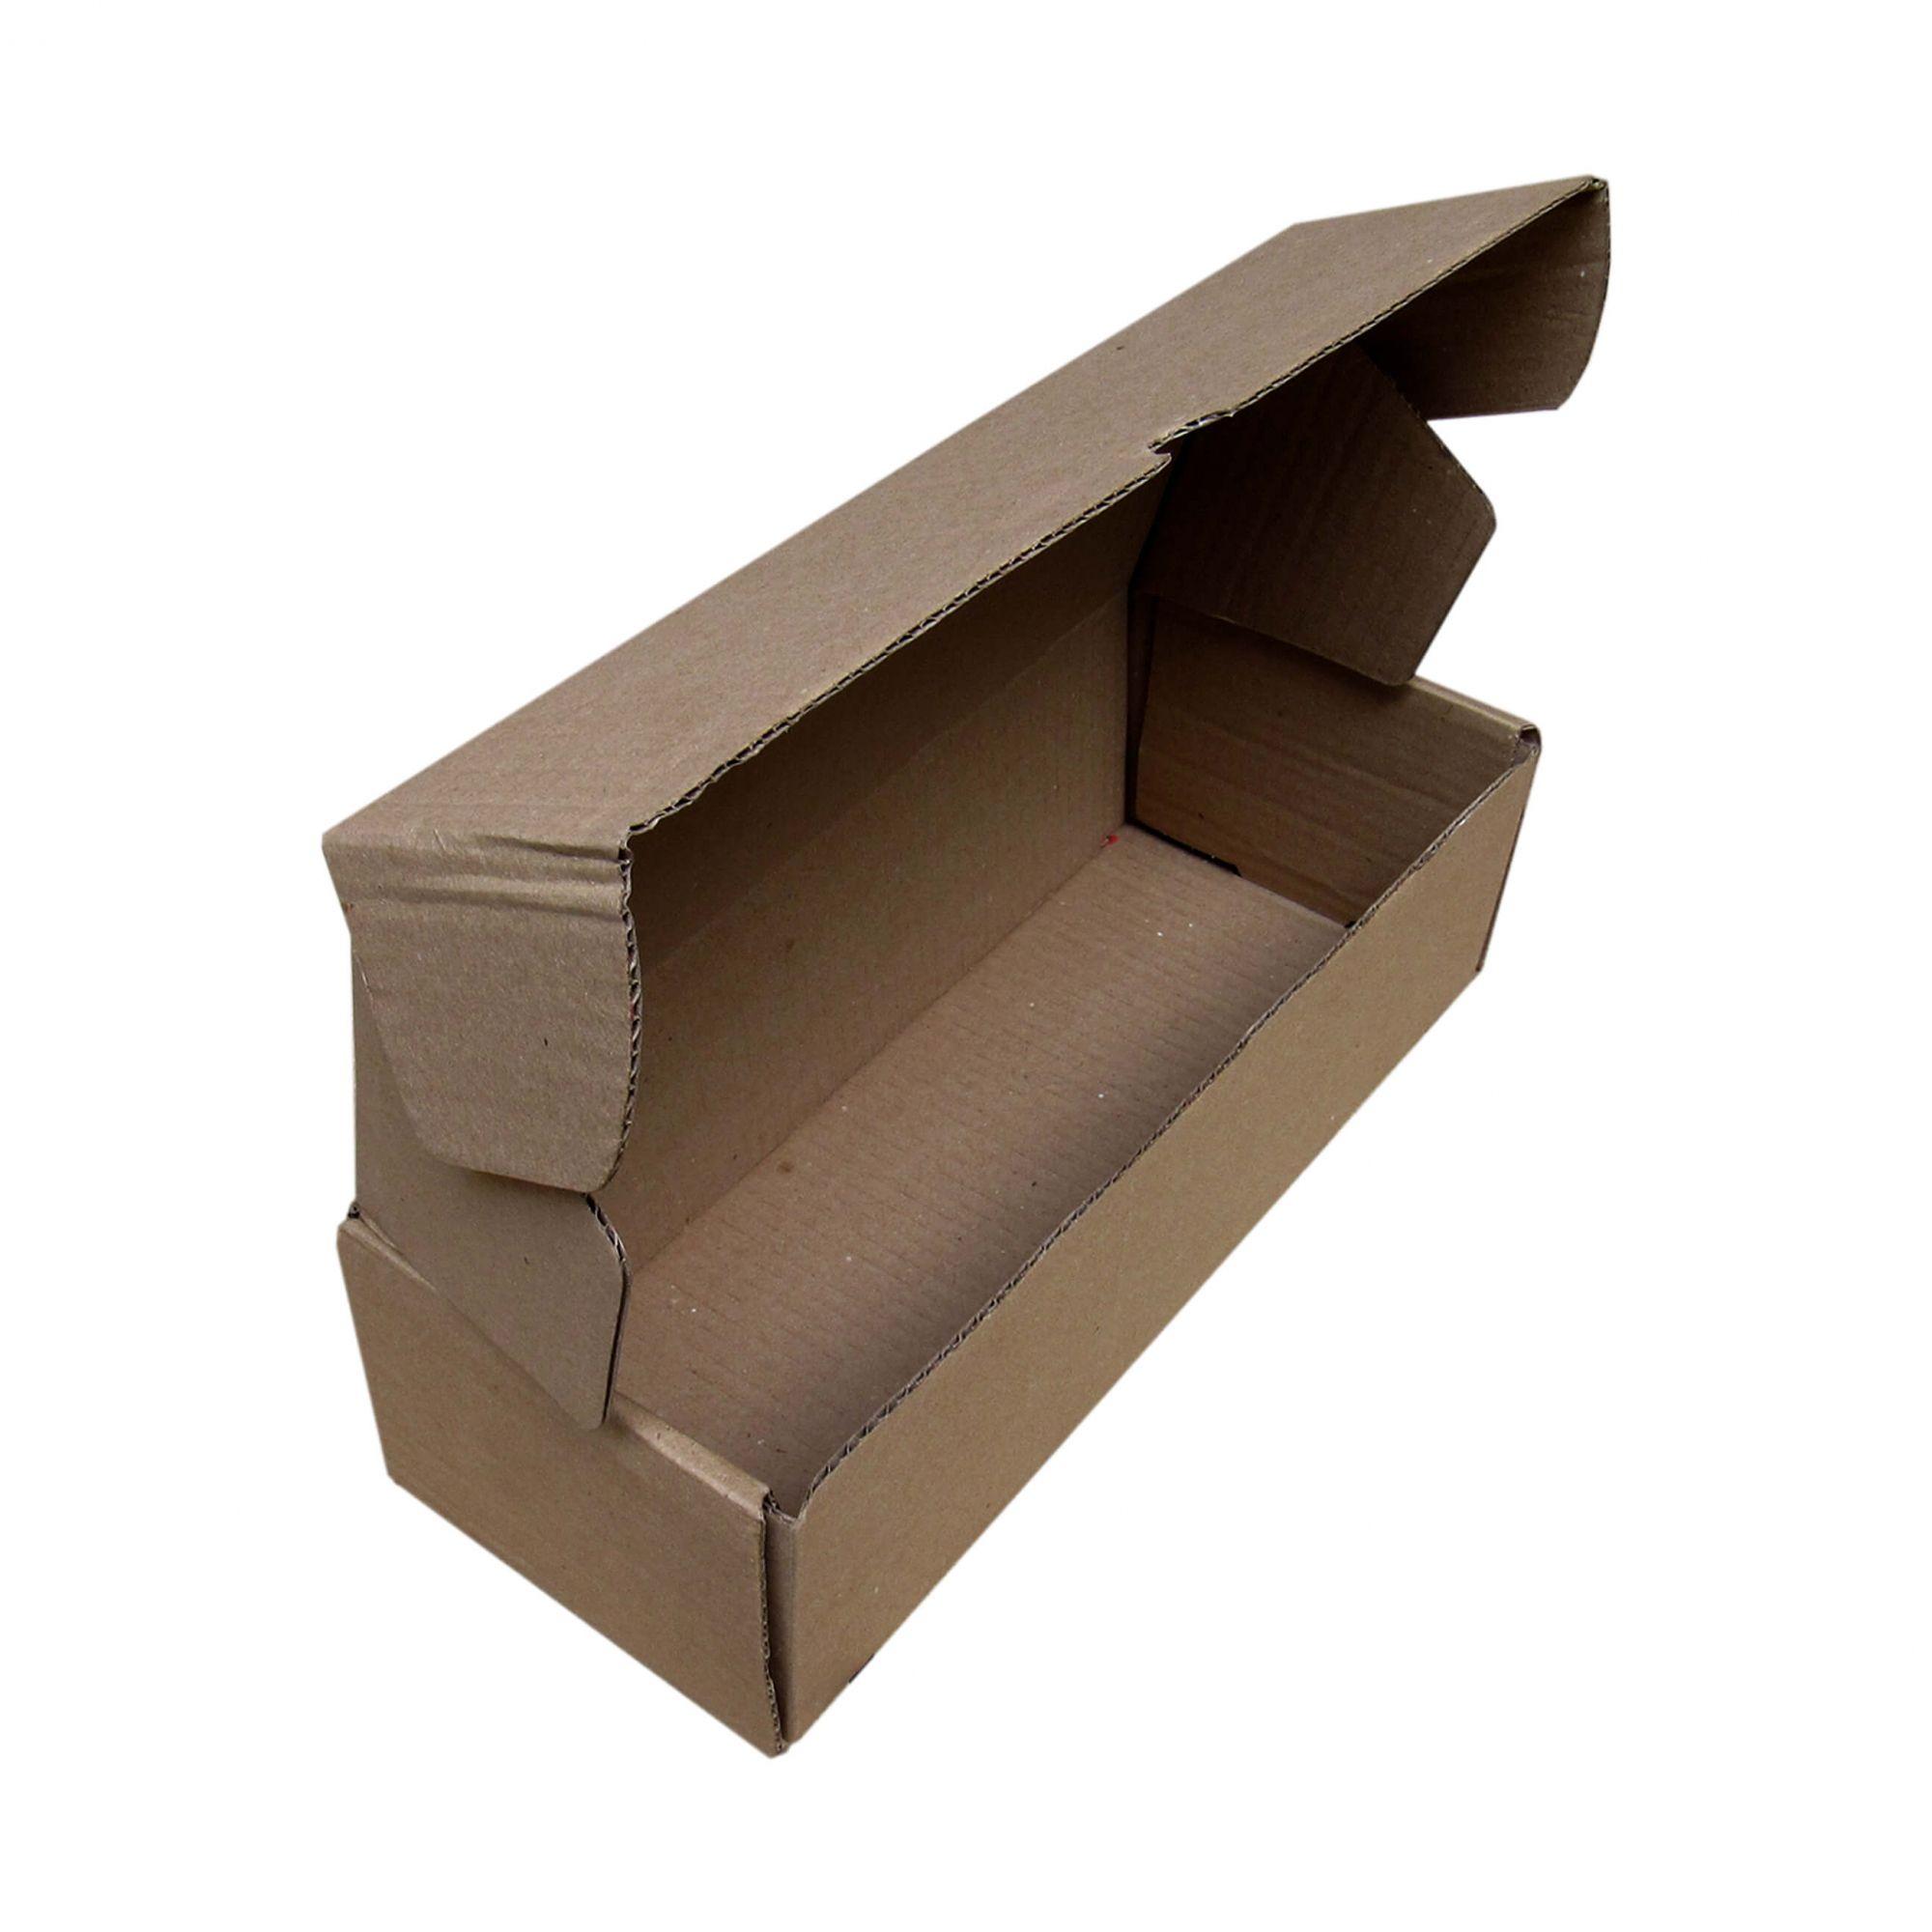 Caixa de Papelão para correios M3 32x13x10cm Marpax 50 un